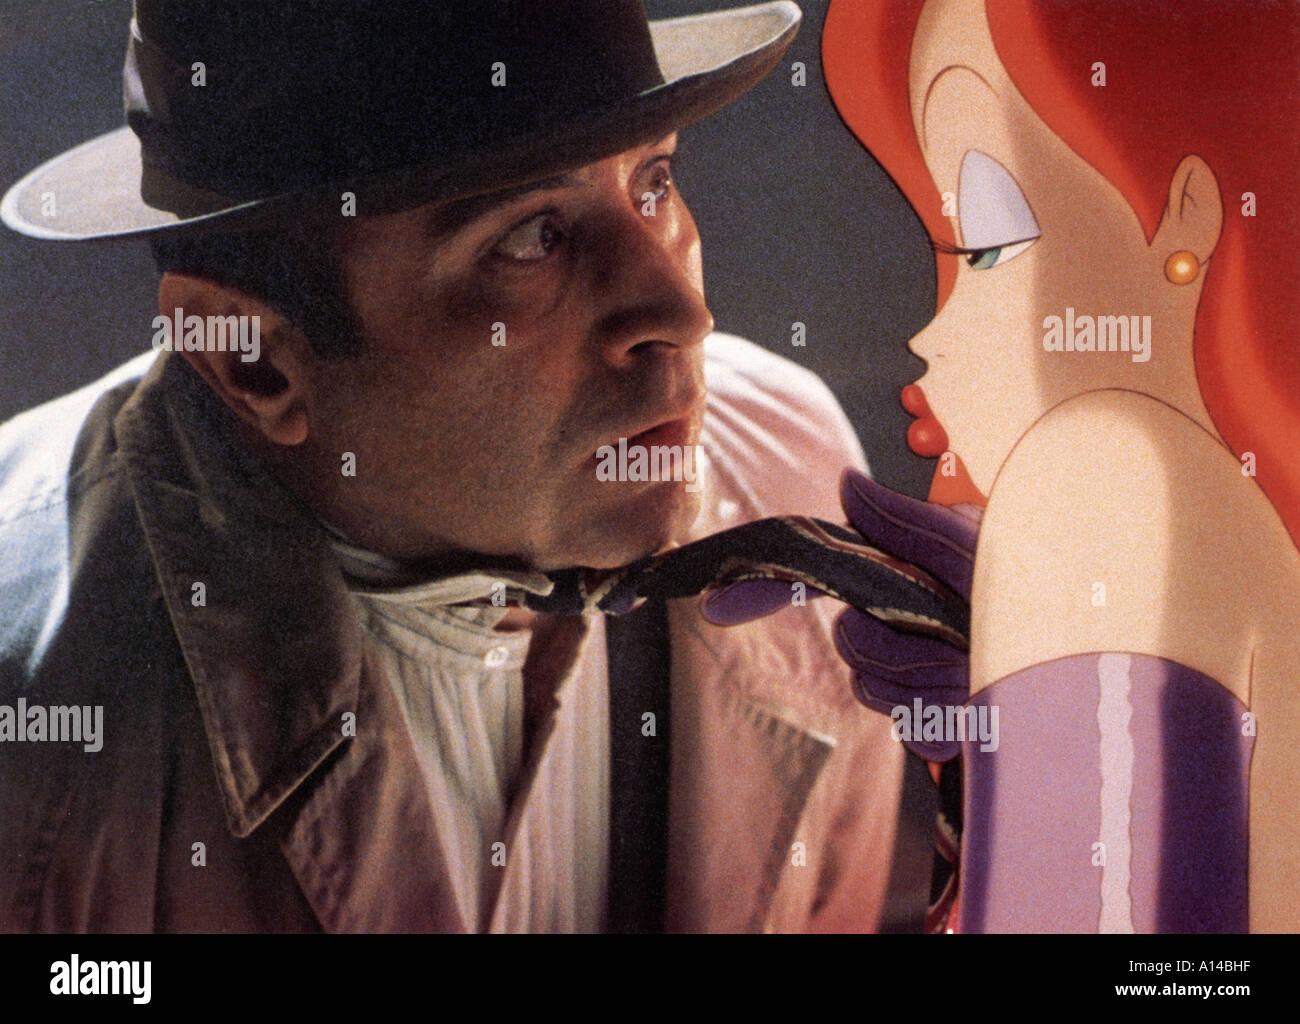 FALSCHES SPIEL MIT ROGER RABBIT Stockfoto, Bild: 5793886 - Alamy